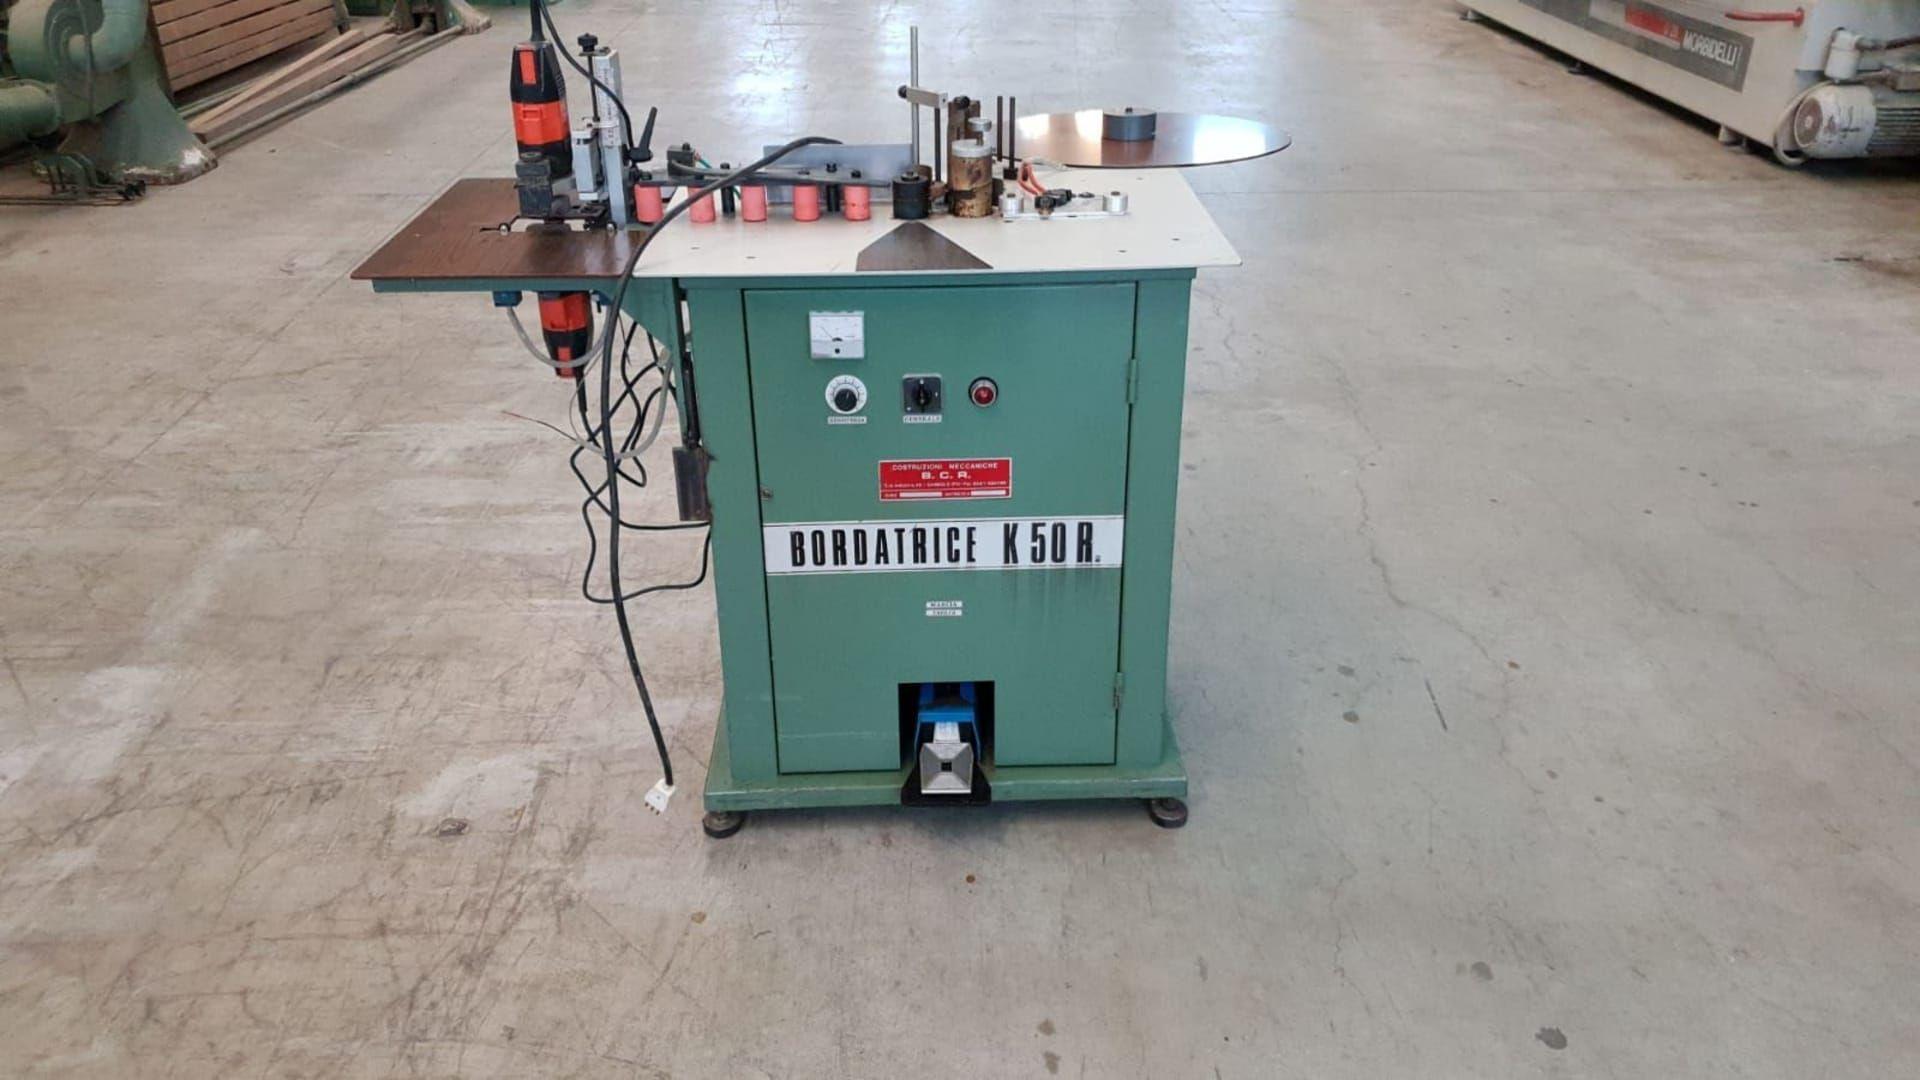 BCR K 50 R Kantenanleimmaschine